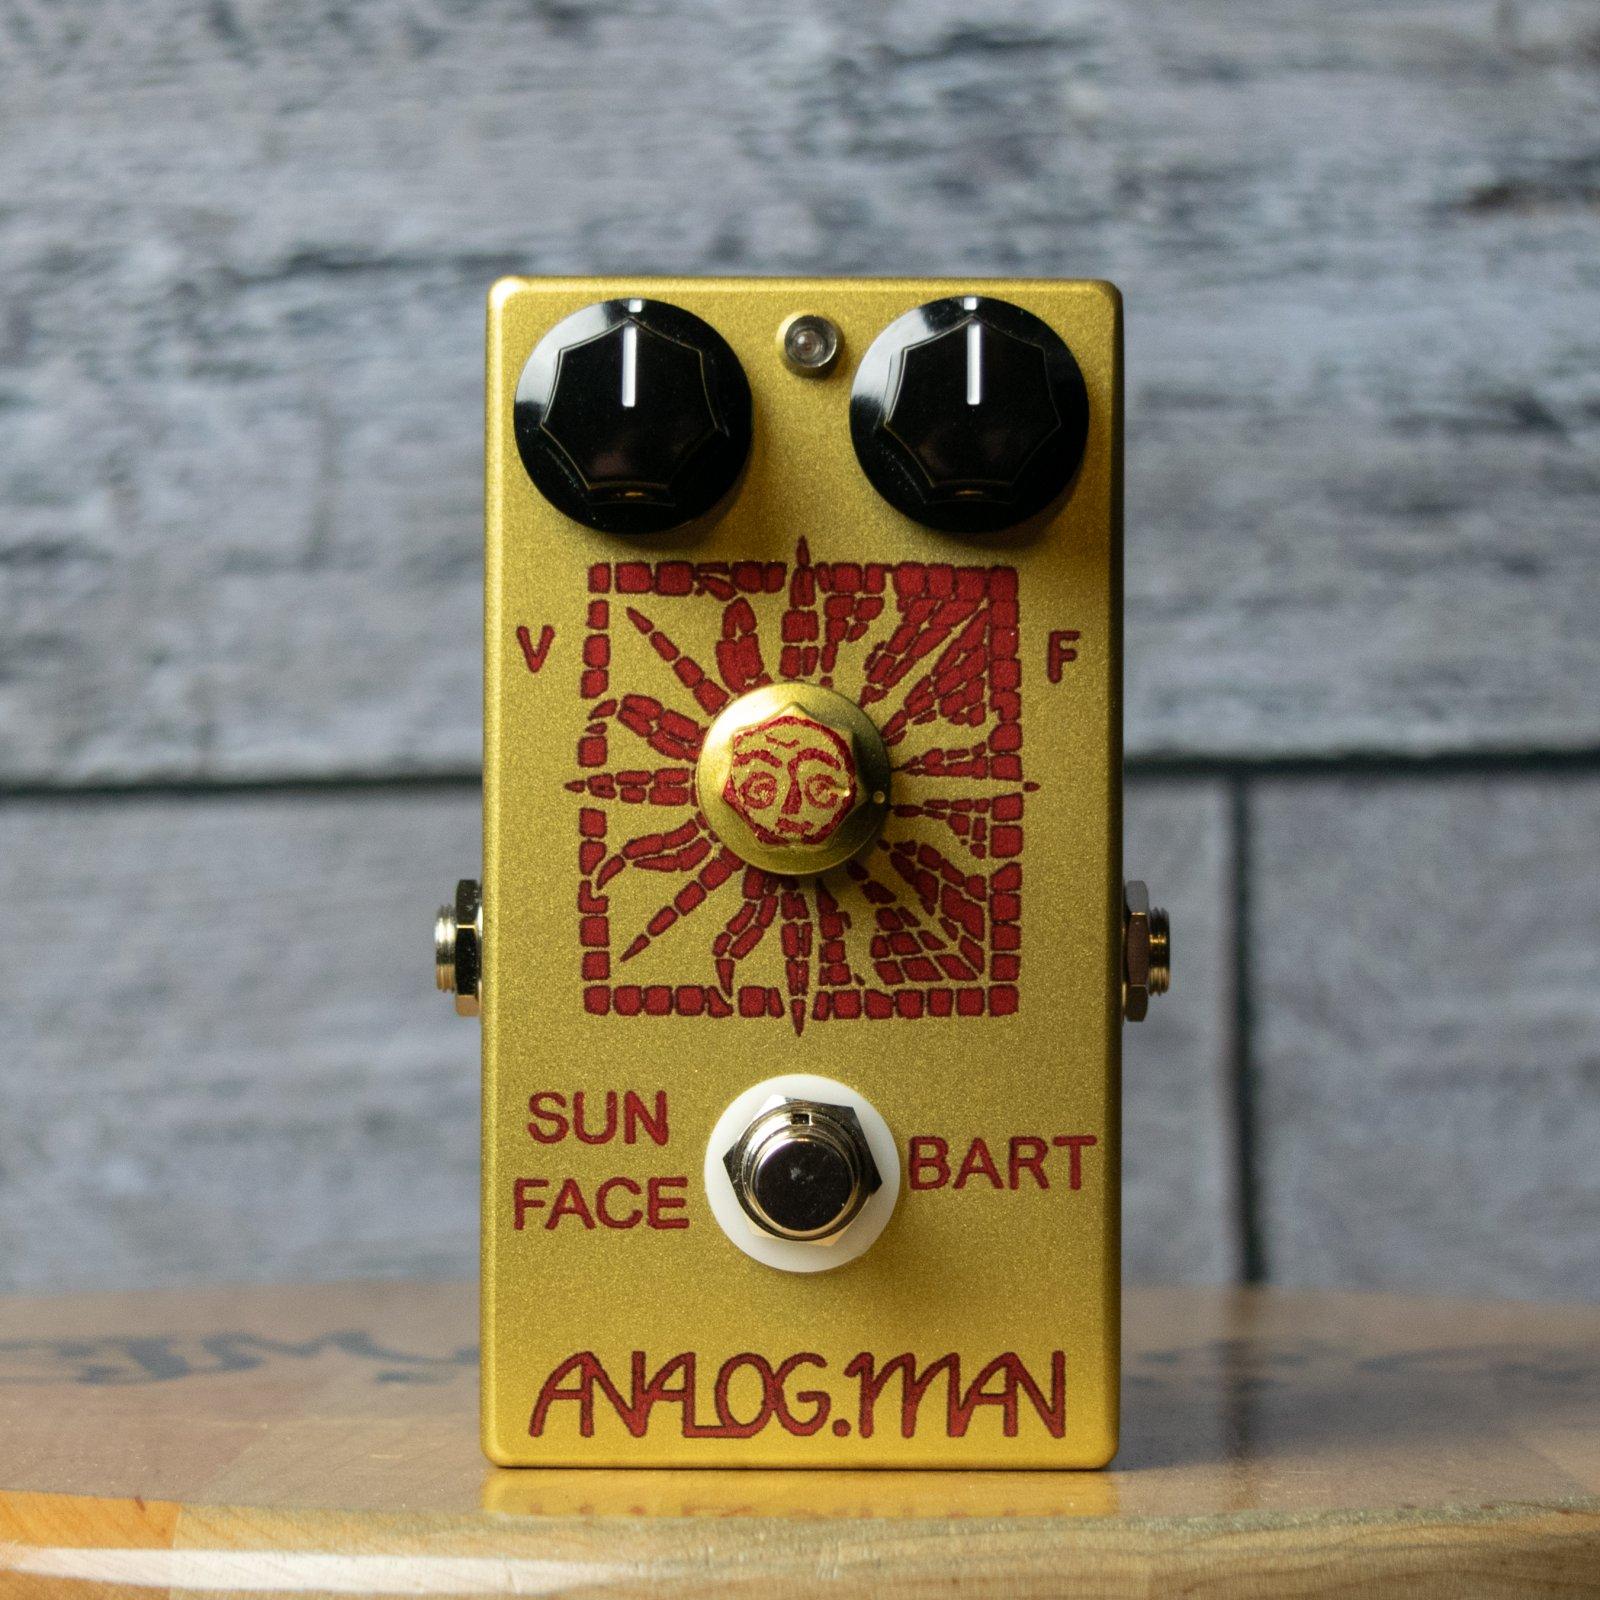 Analog.Man Sun Face - BART